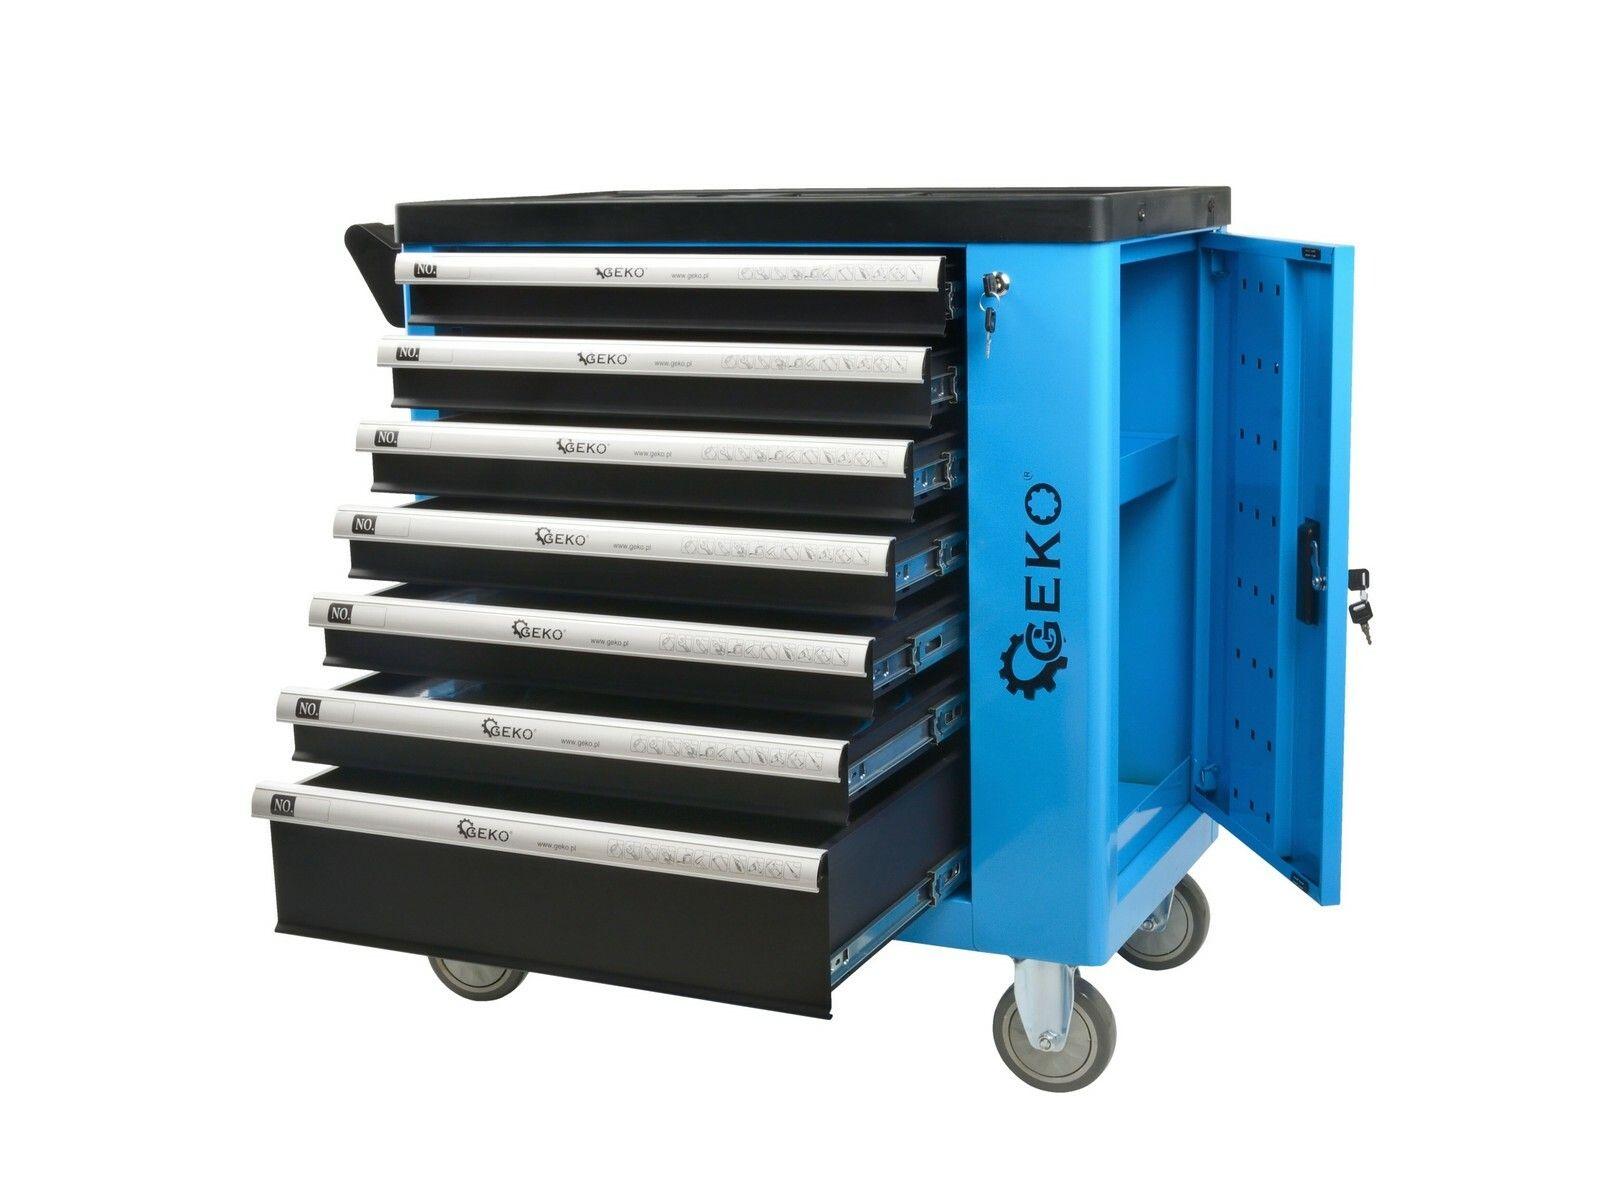 GEKO G10833 Dílenská skříňka s výbavou 243ks, 7 zásuvek